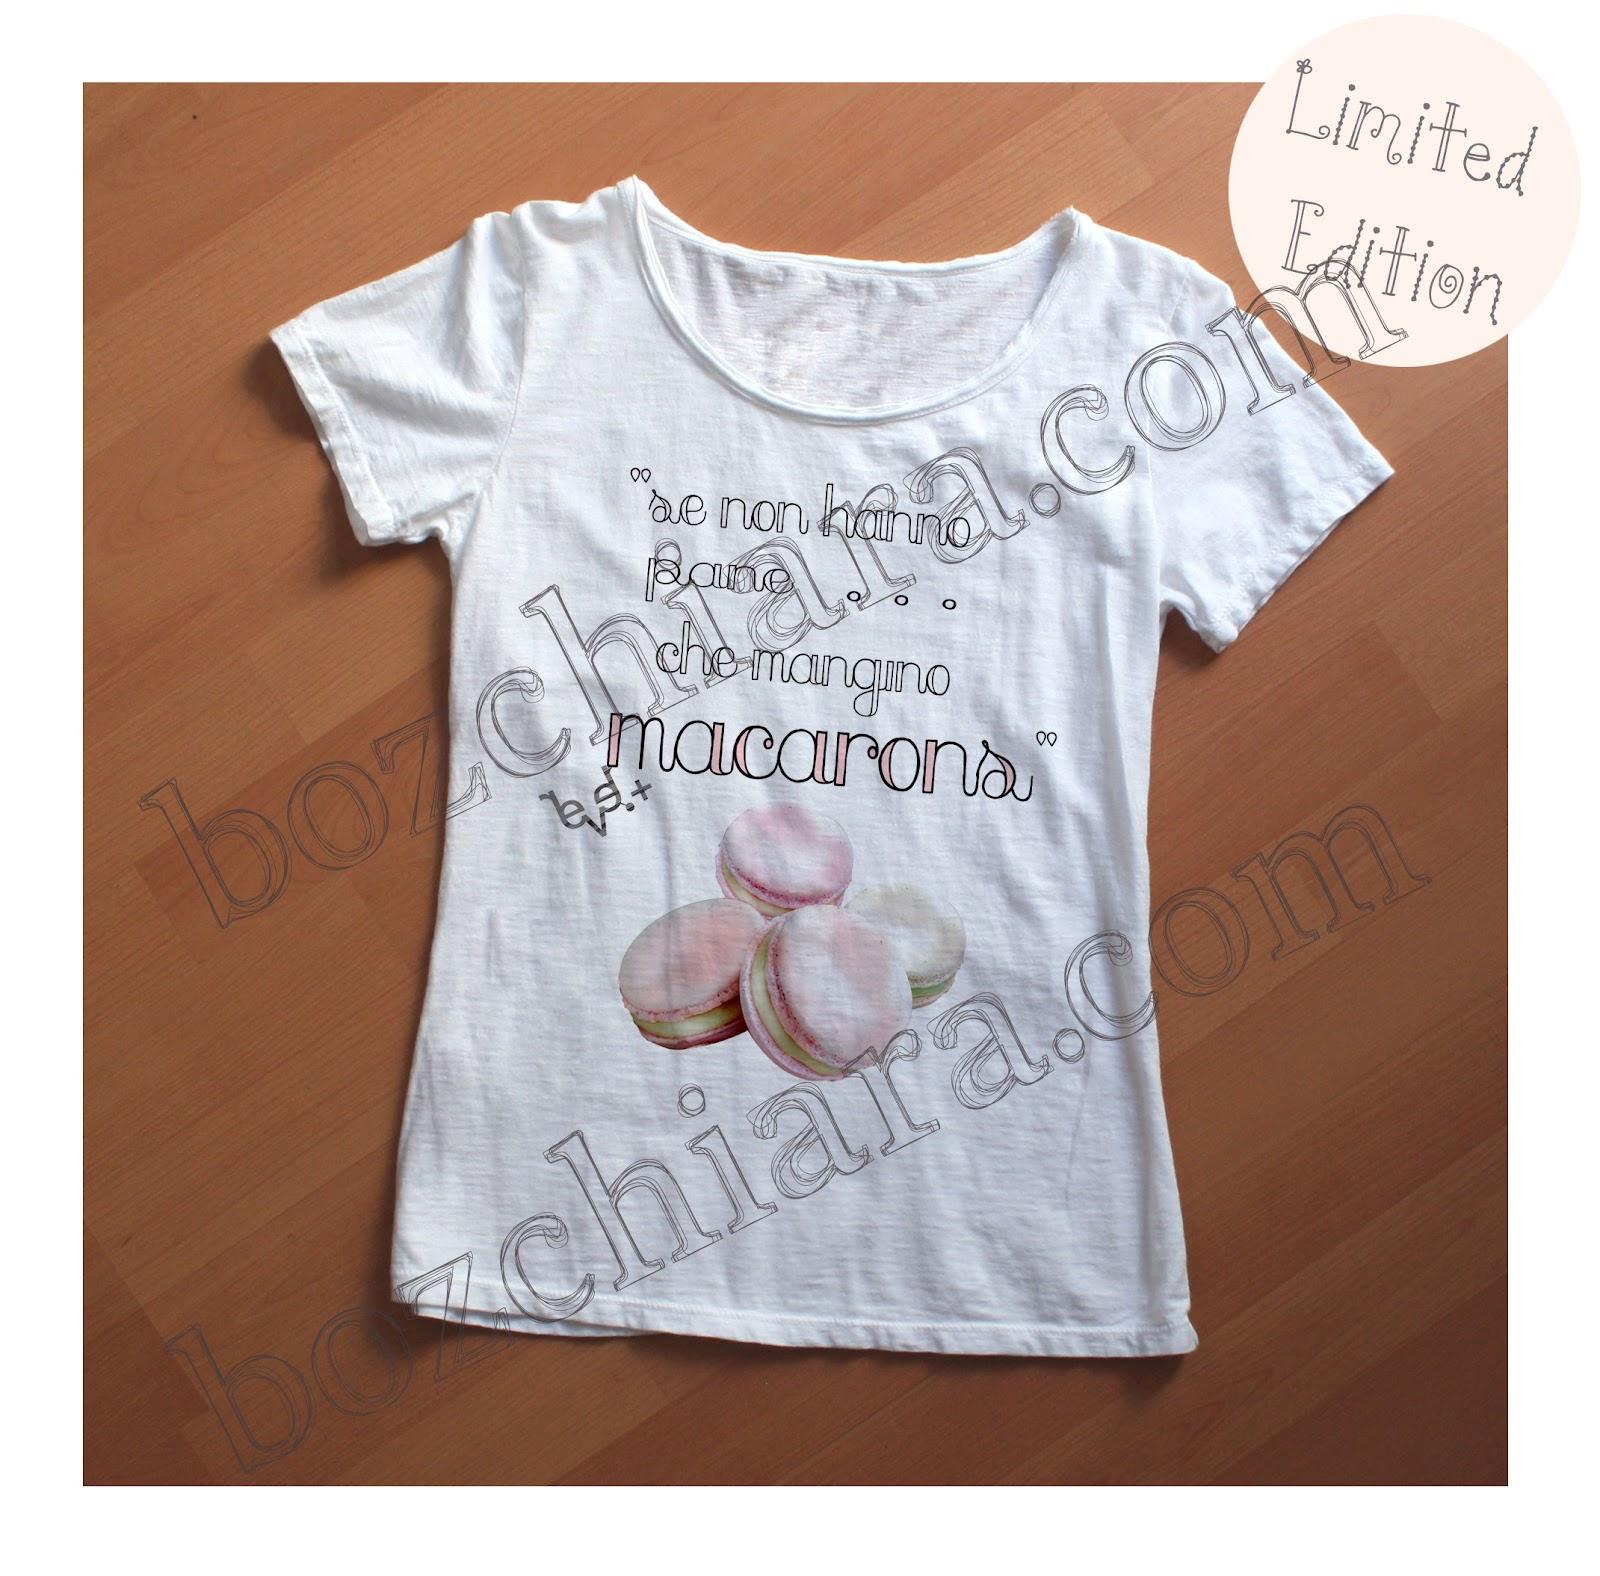 http://2.bp.blogspot.com/-M1wDqtfZKCQ/T-xsL5z6ddI/AAAAAAAAAo0/_hssYA3os_A/s1600/boz-chiara-macarons.jpg